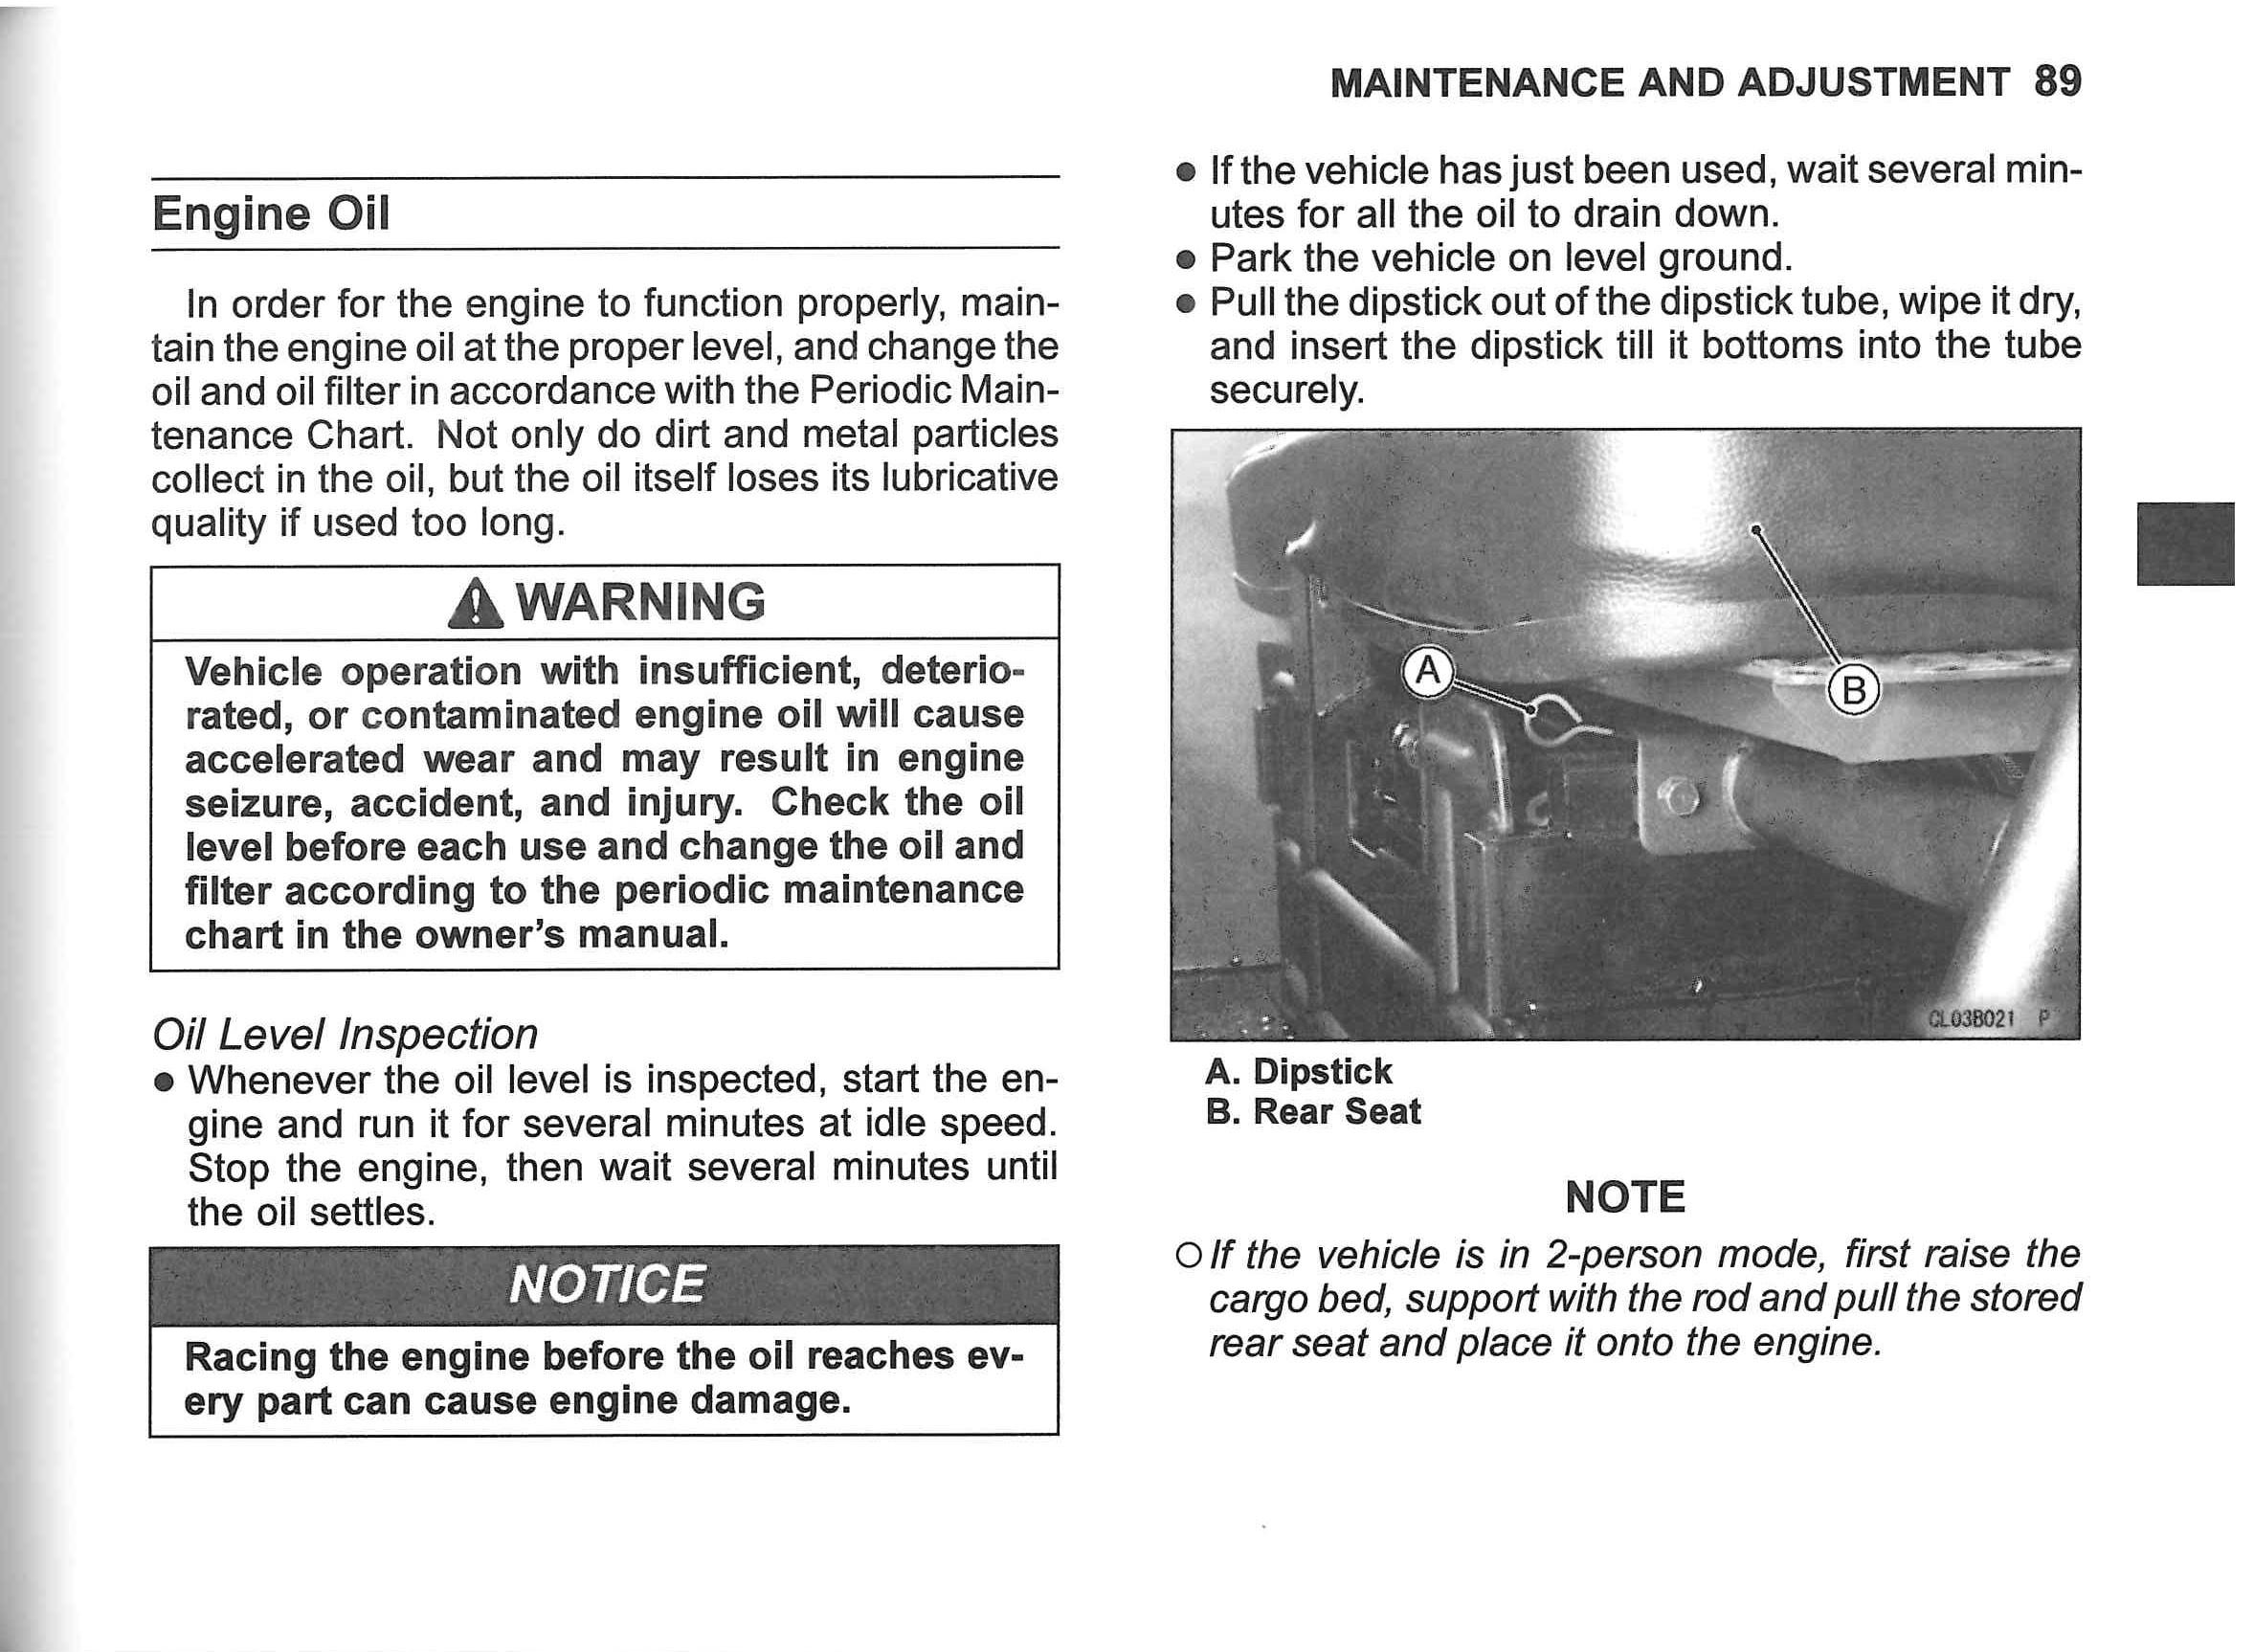 2011 kawasaki kaf950g mule 4010 trans4x4 diesel owners manual Lyman Reloading Manual Reloading Manuals